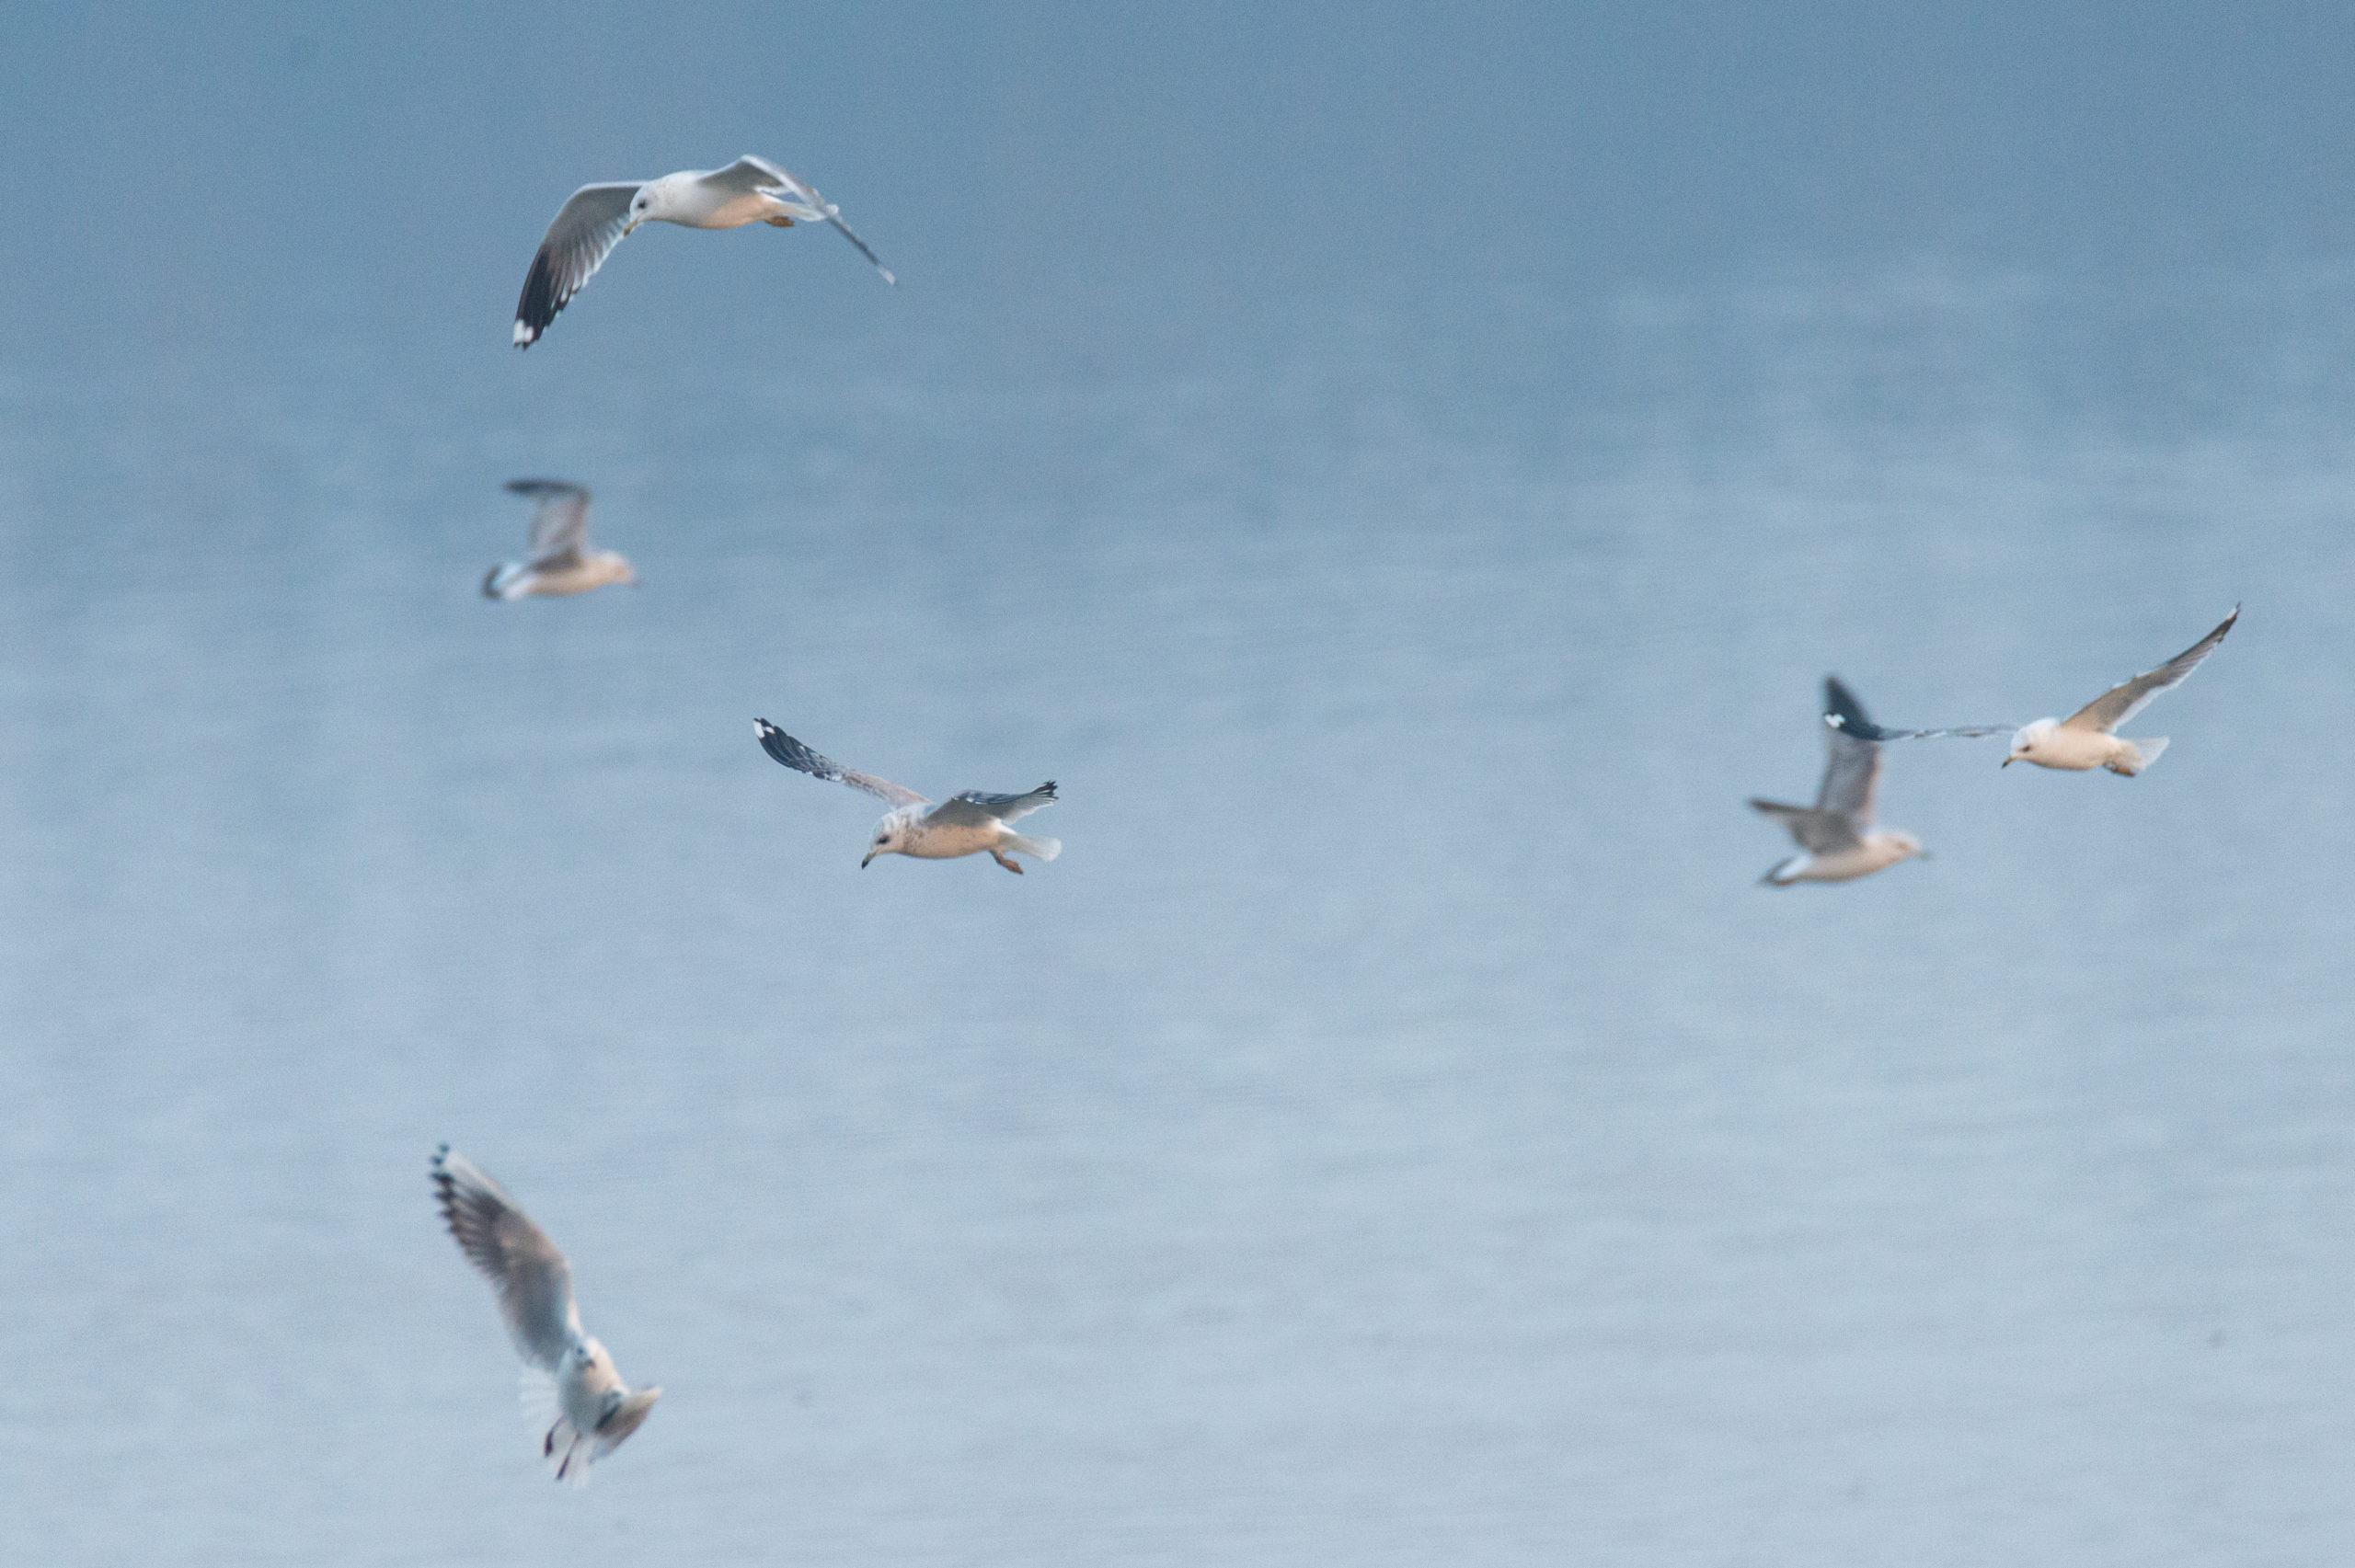 Recensământul internațional al păsărilor de apă în Republica Moldova